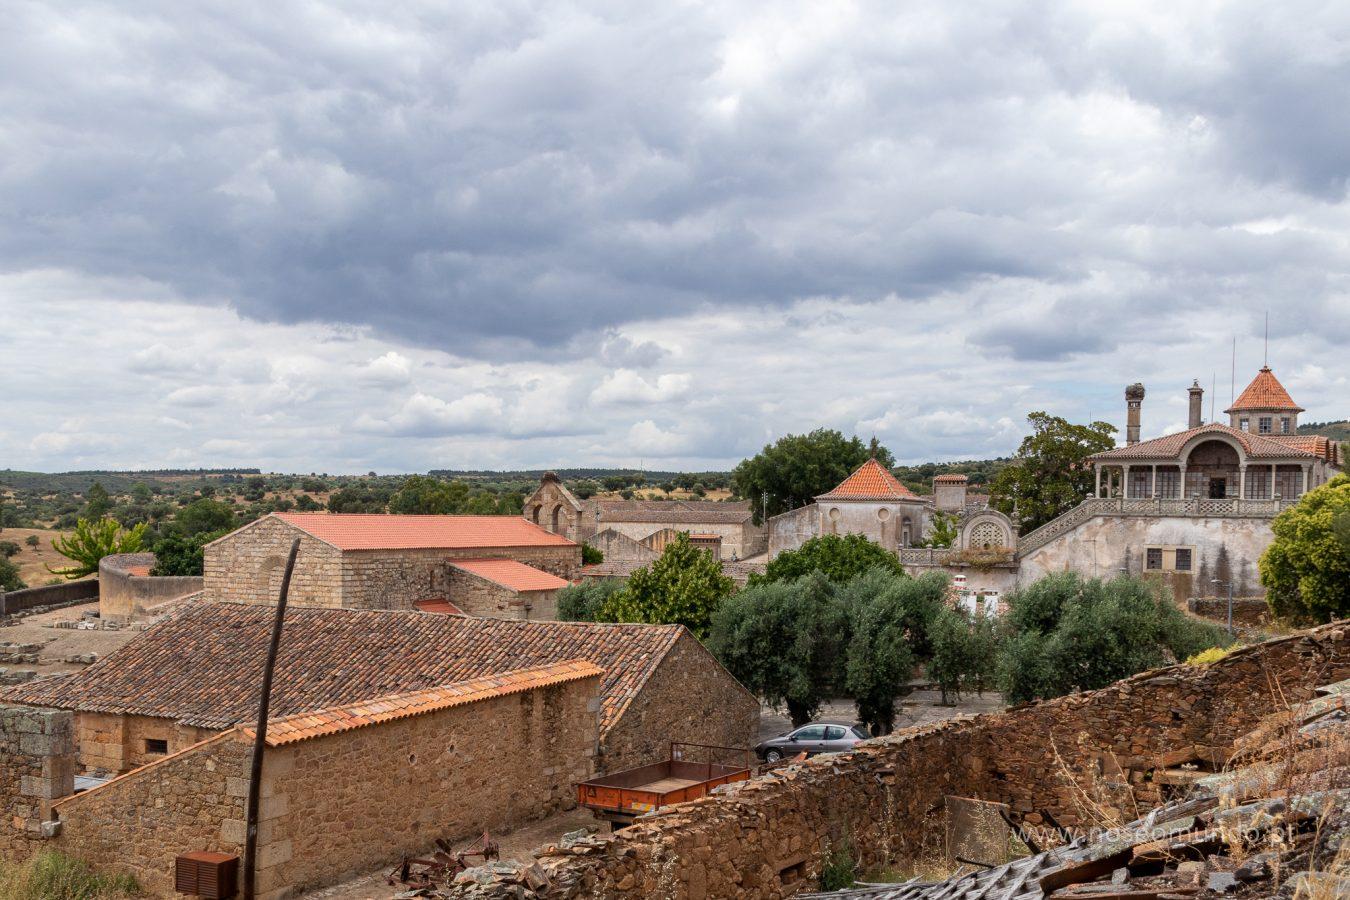 Vista da aldeia de Idanha-a-Velha